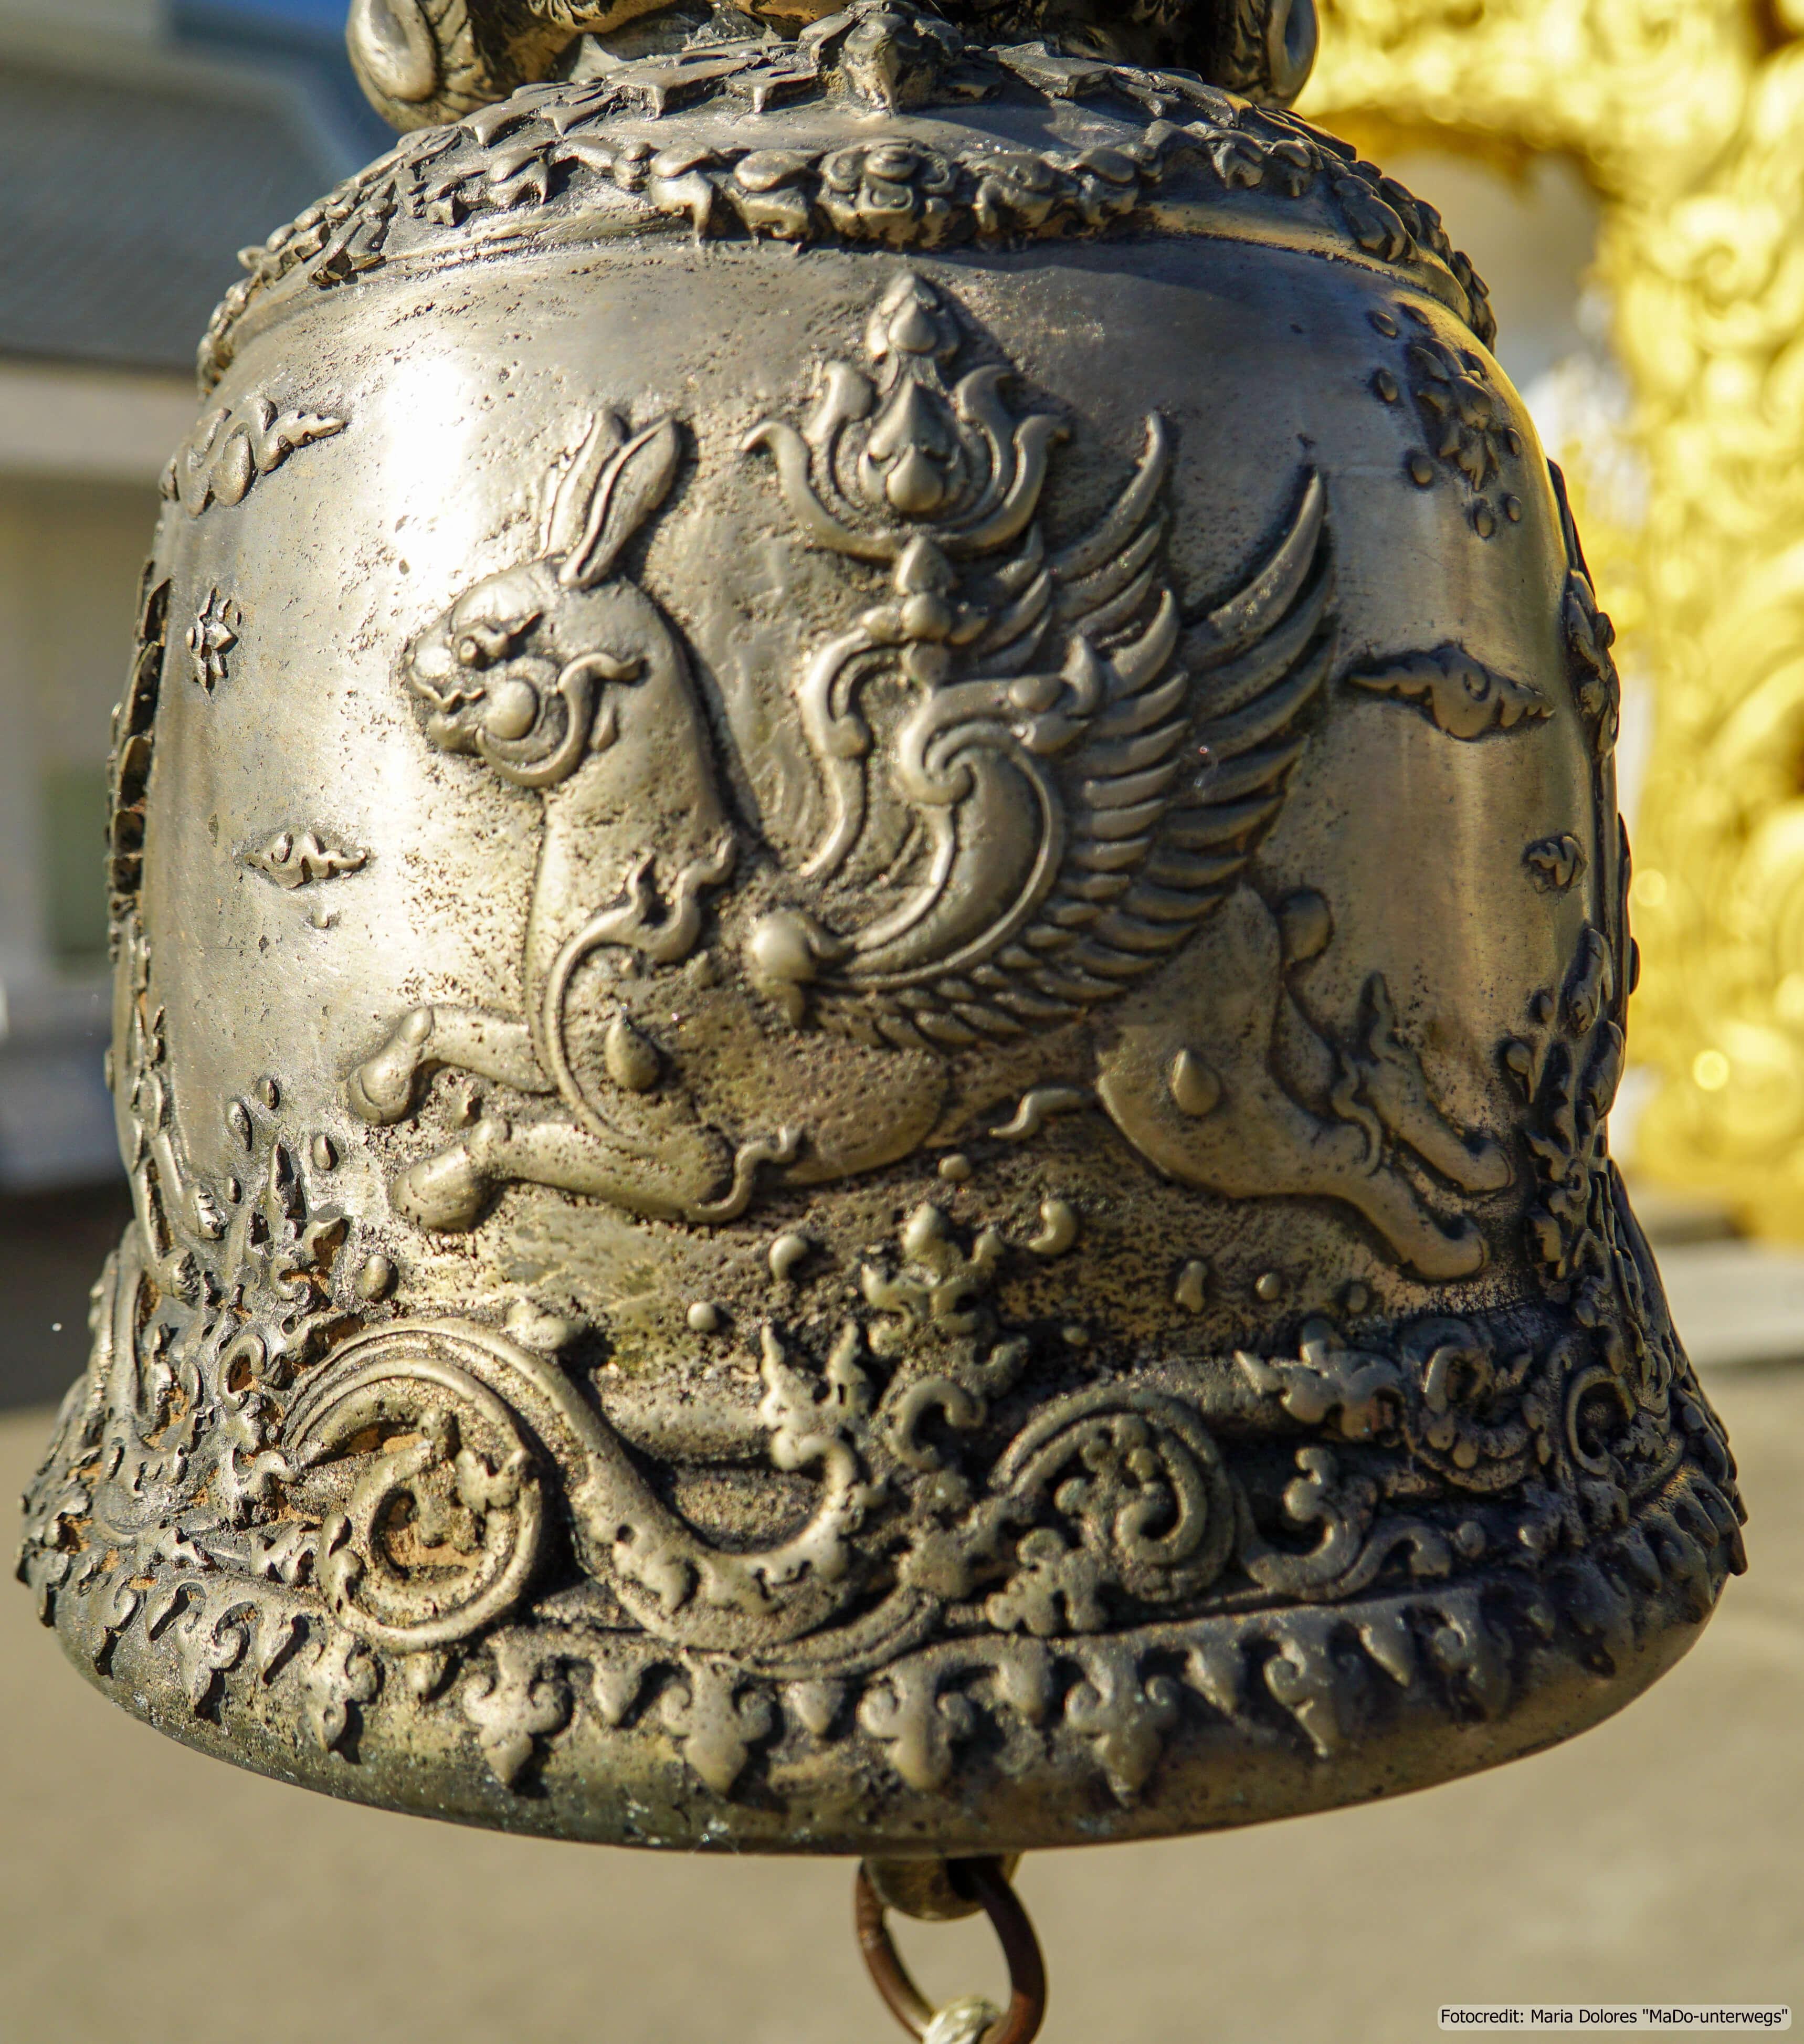 Wat Rong Khun (Weißer Tempel) in Chiang Rai - Glocke (Reisetagebuch «Thailand als Alleinreisende ohne Roller entdecken»)